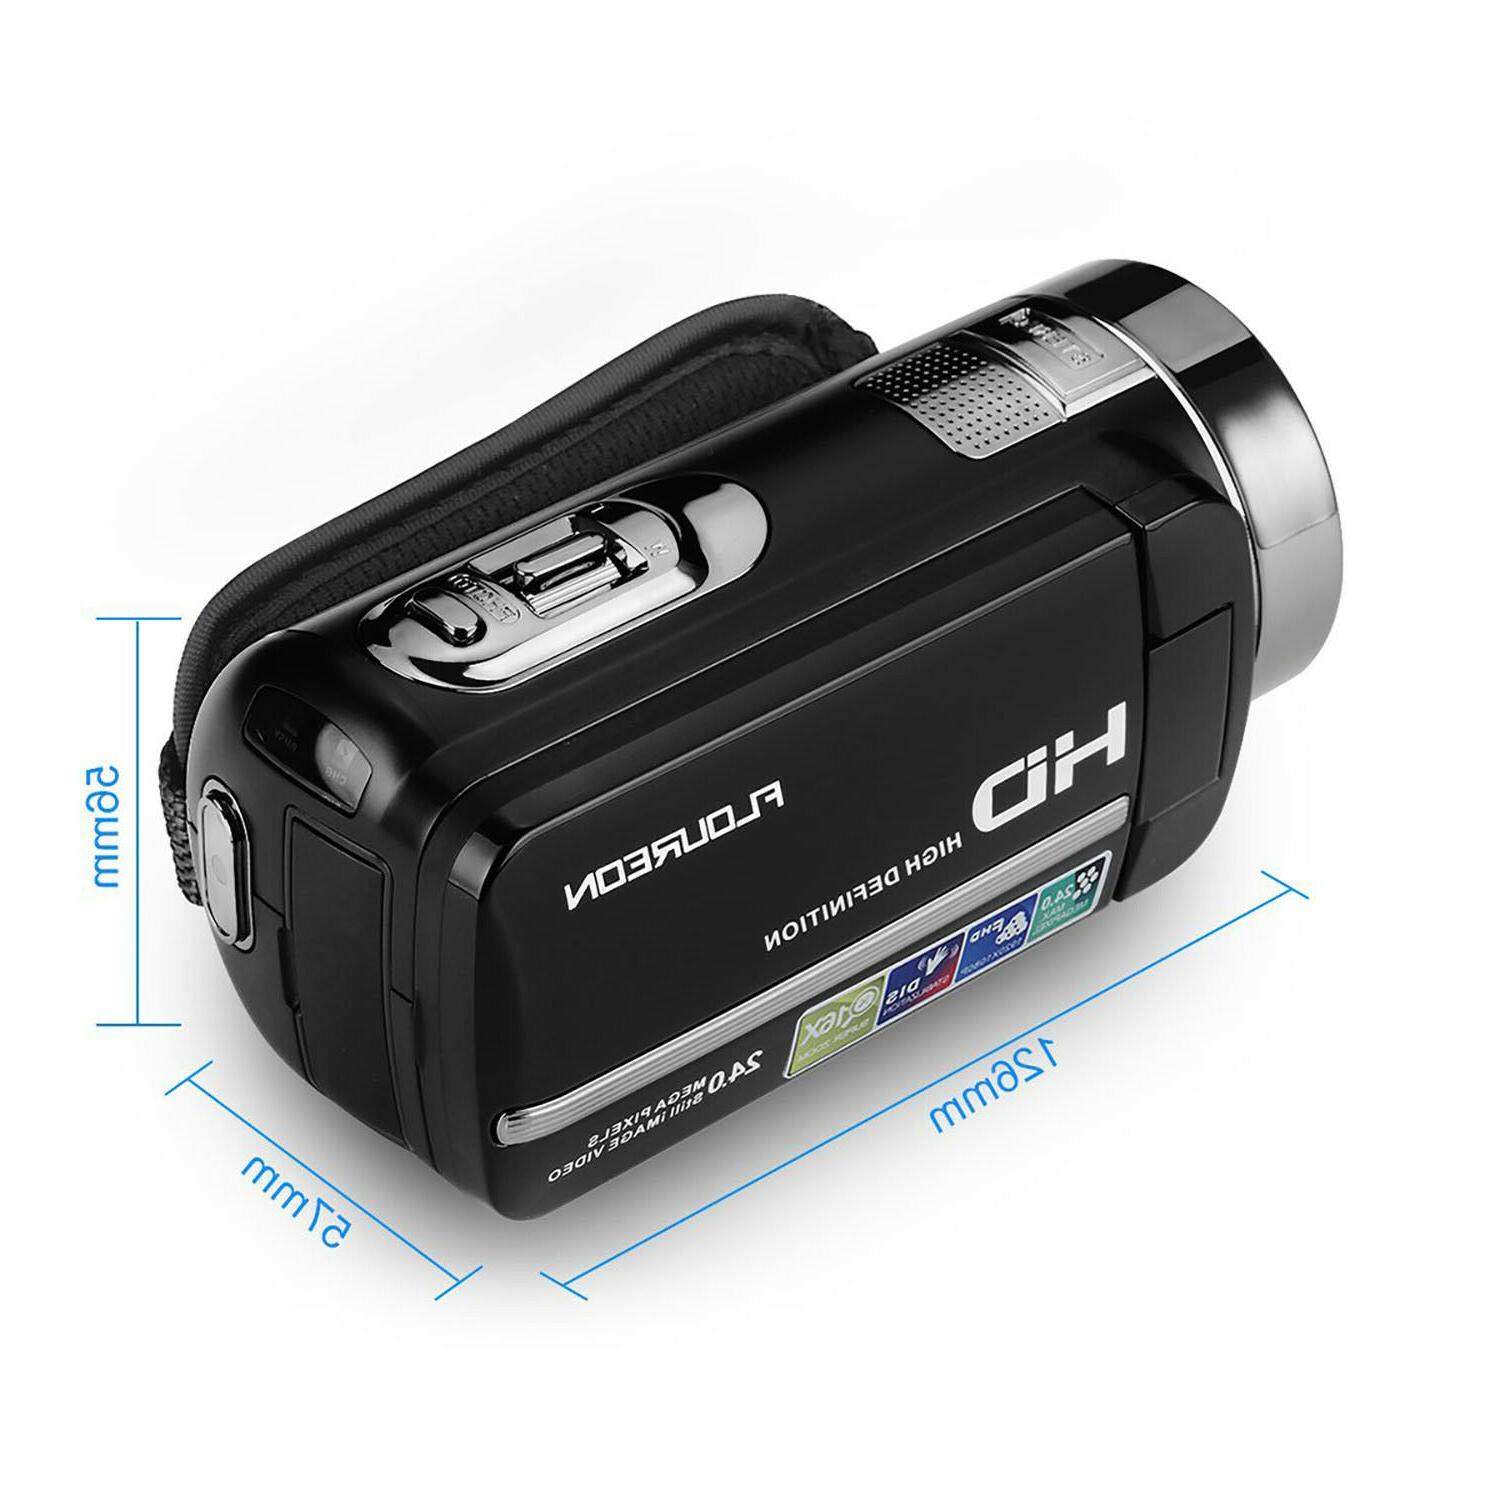 FULL LCD Vision Digital Camera